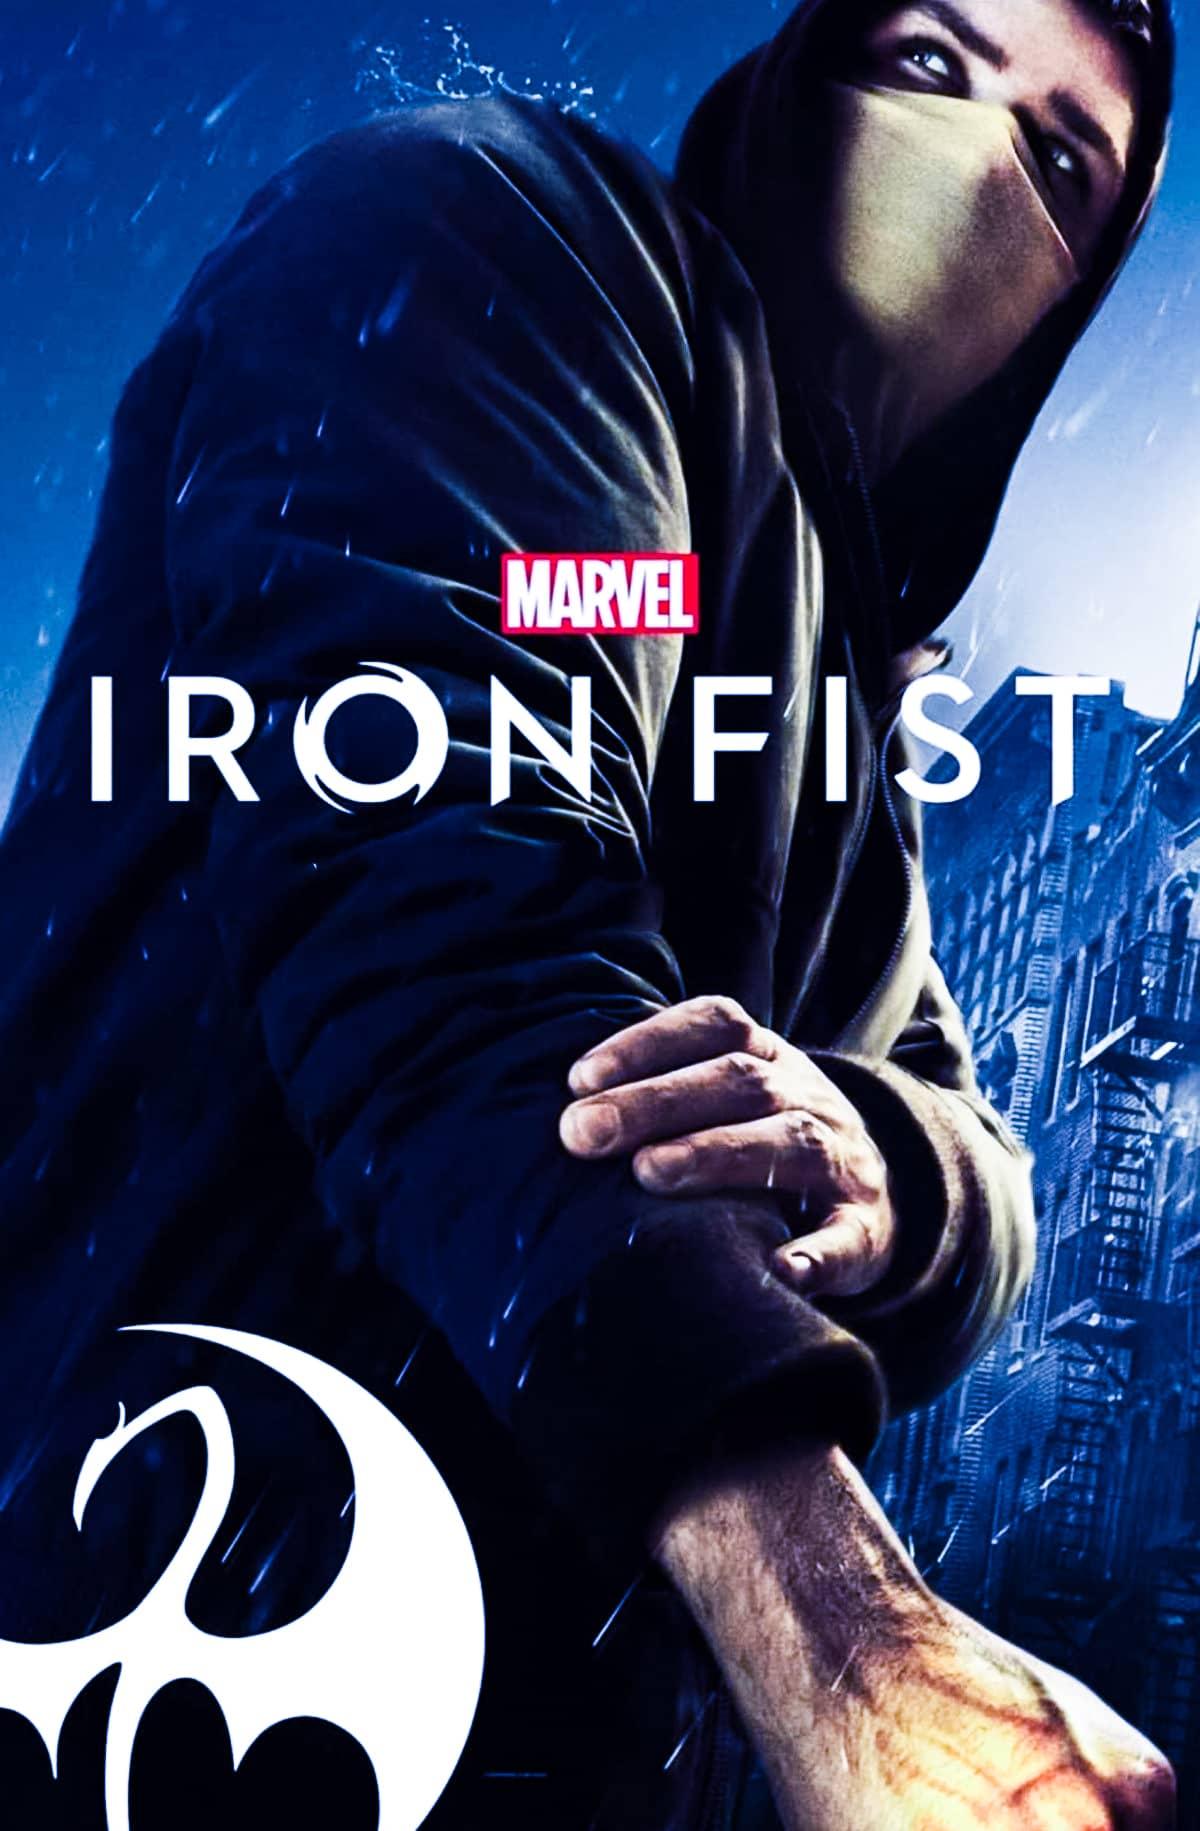 مسلسل Iron Fist الموسم الثاني الحلقة 4 الرابعة مترجمة